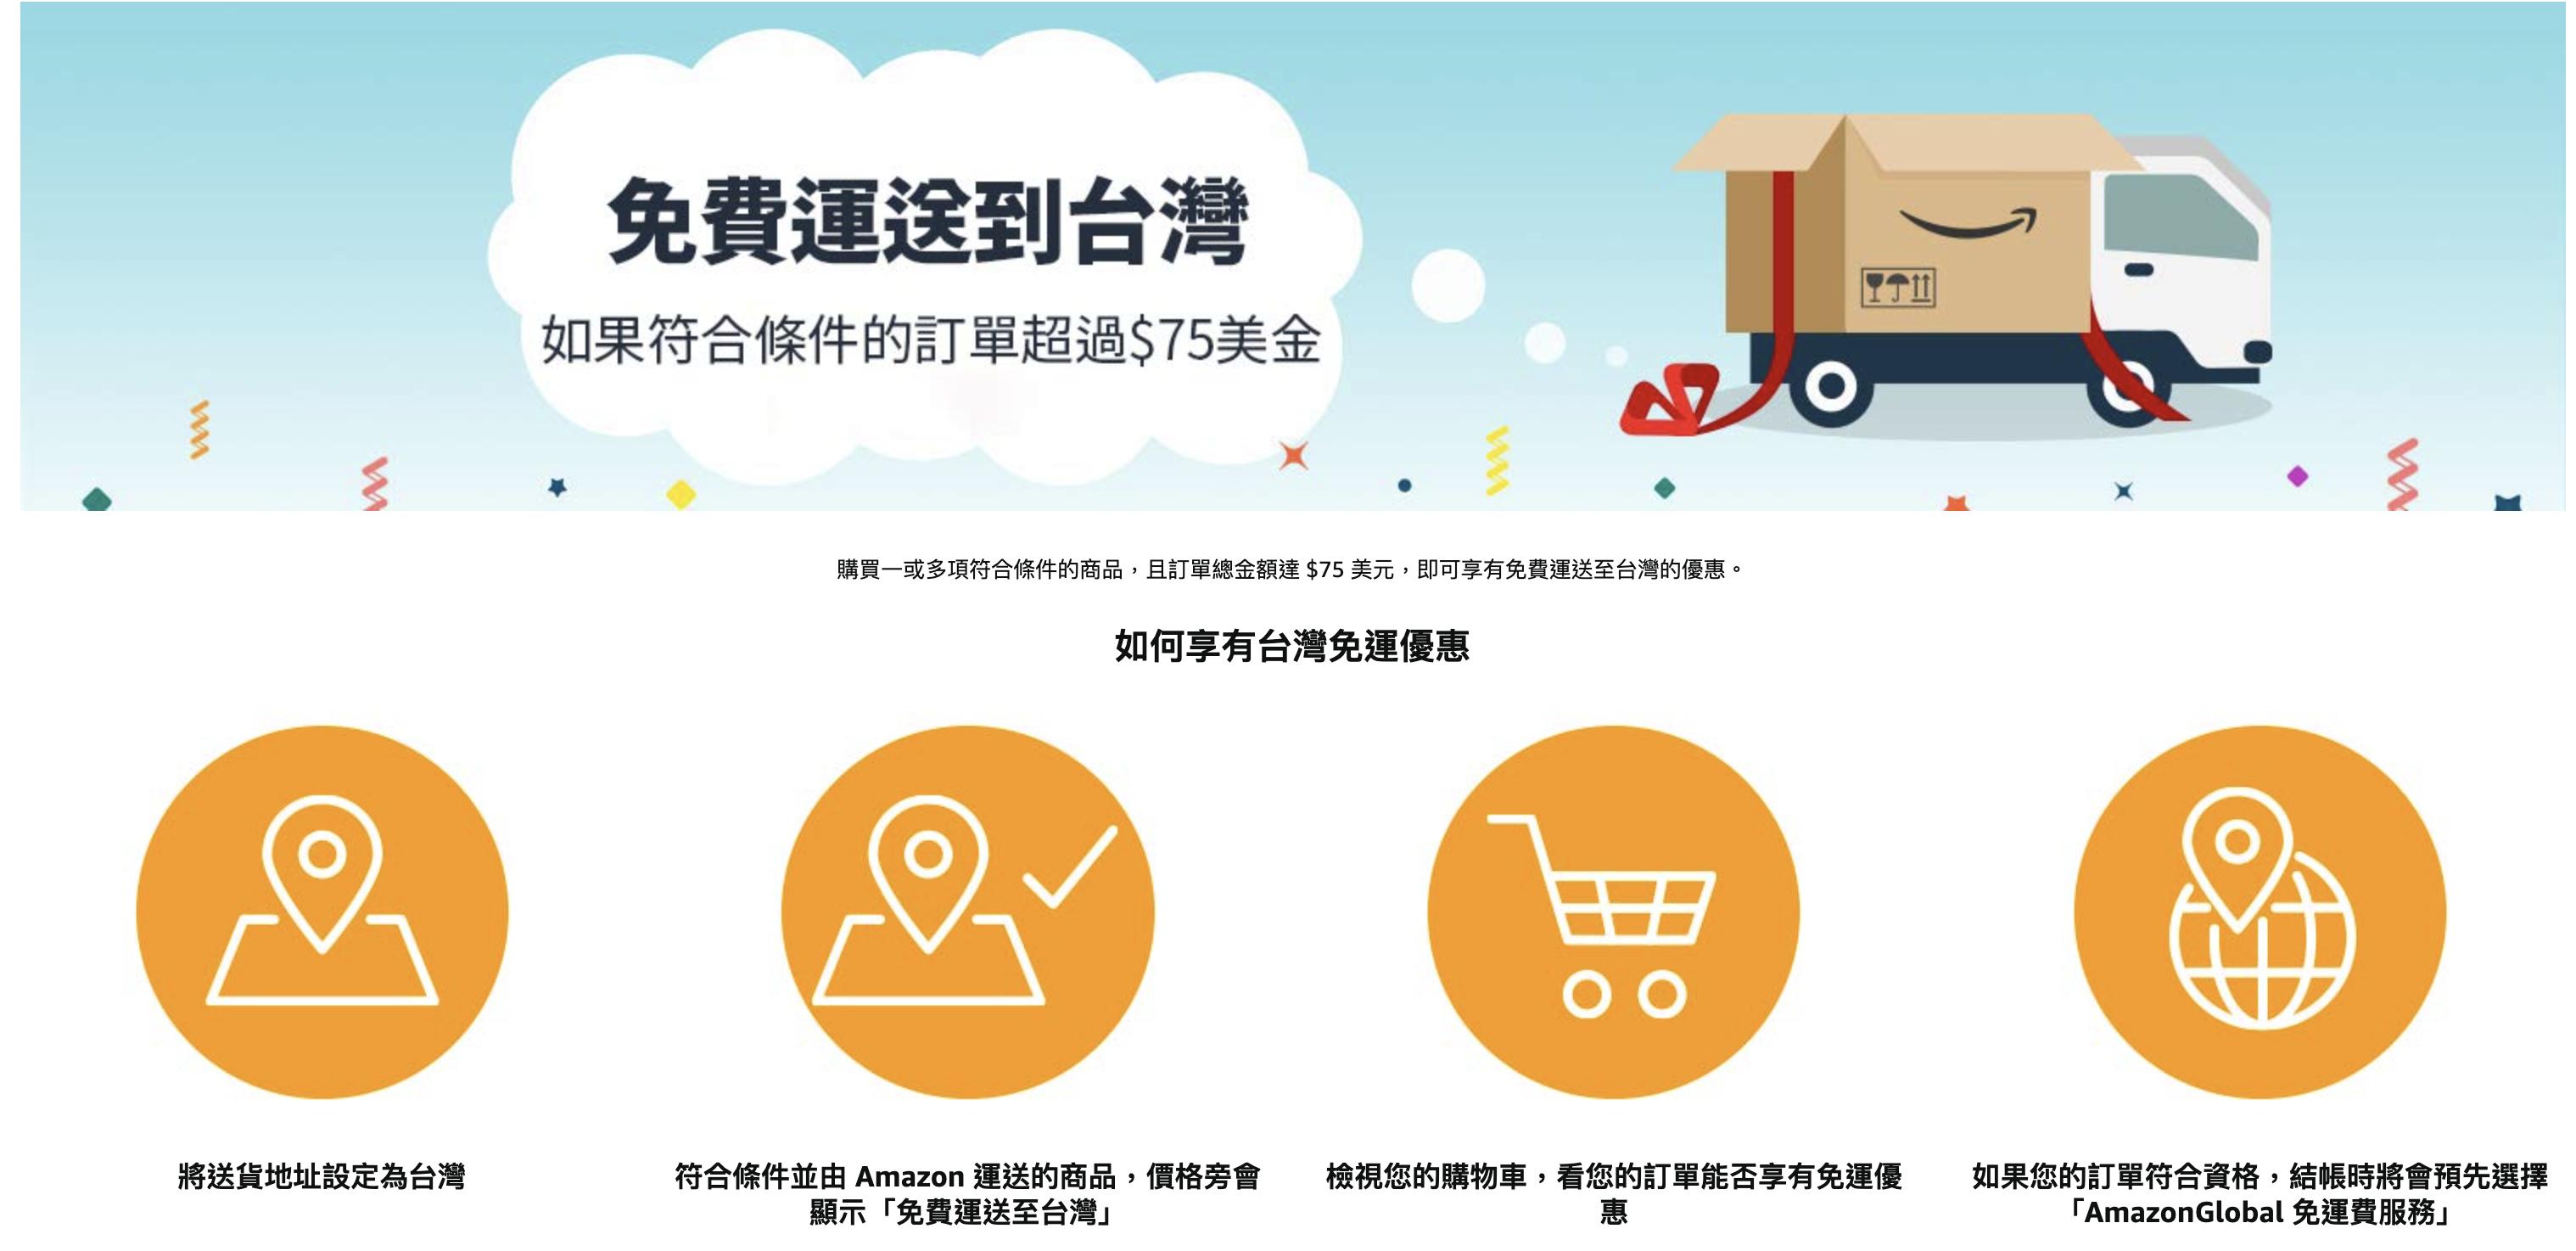 Amazon TW free shipping